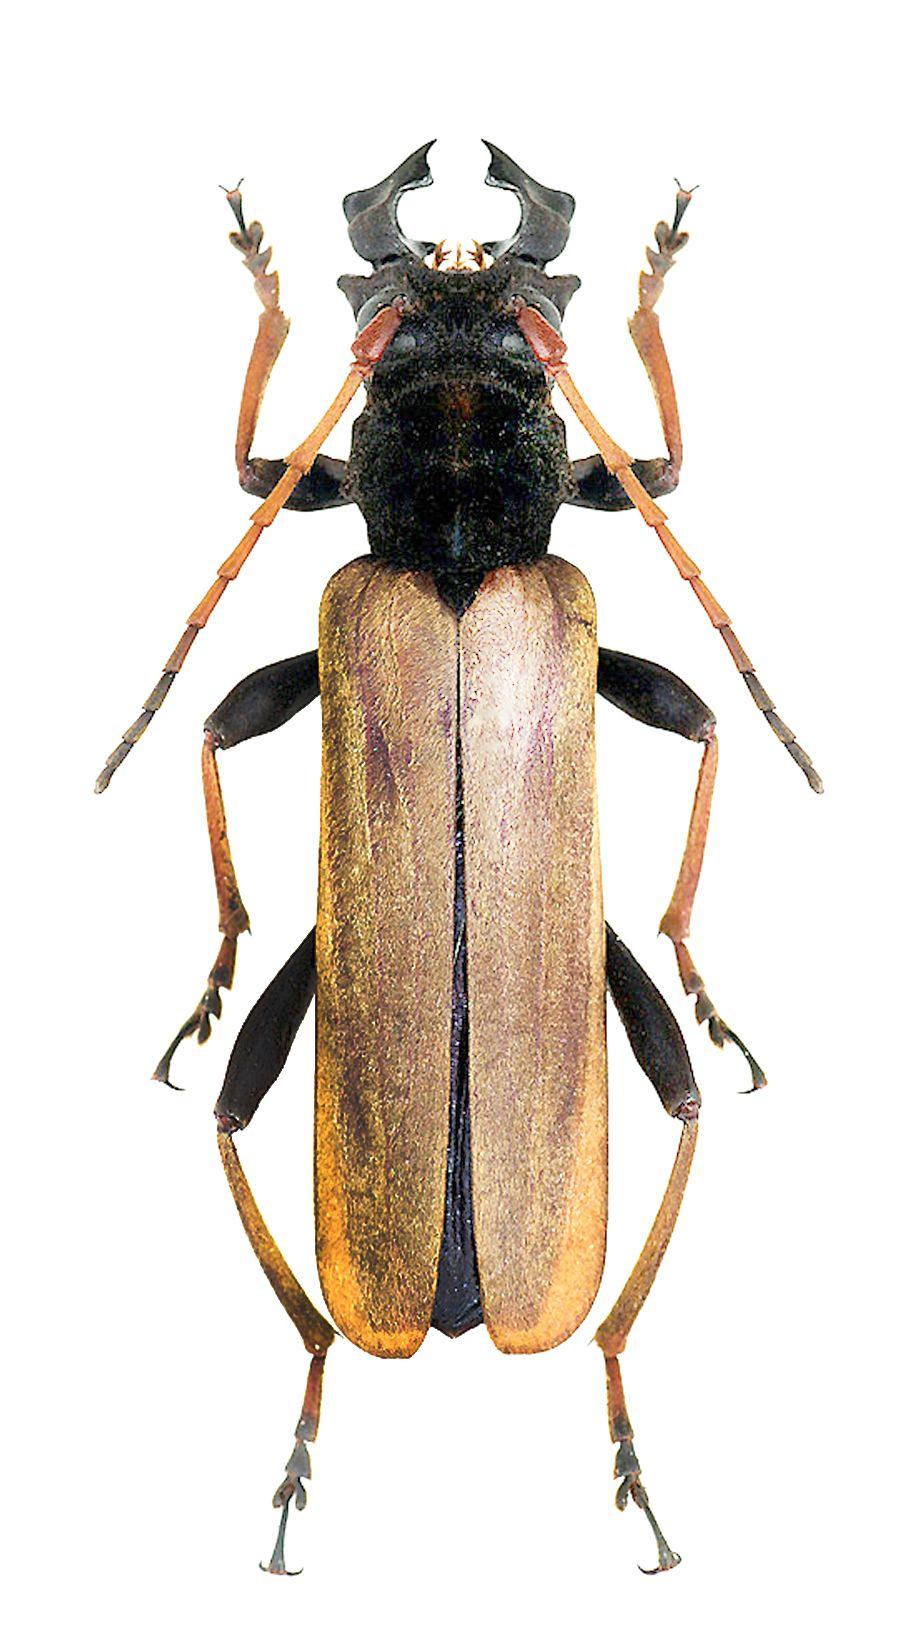 Hexamitodera sulcognatha